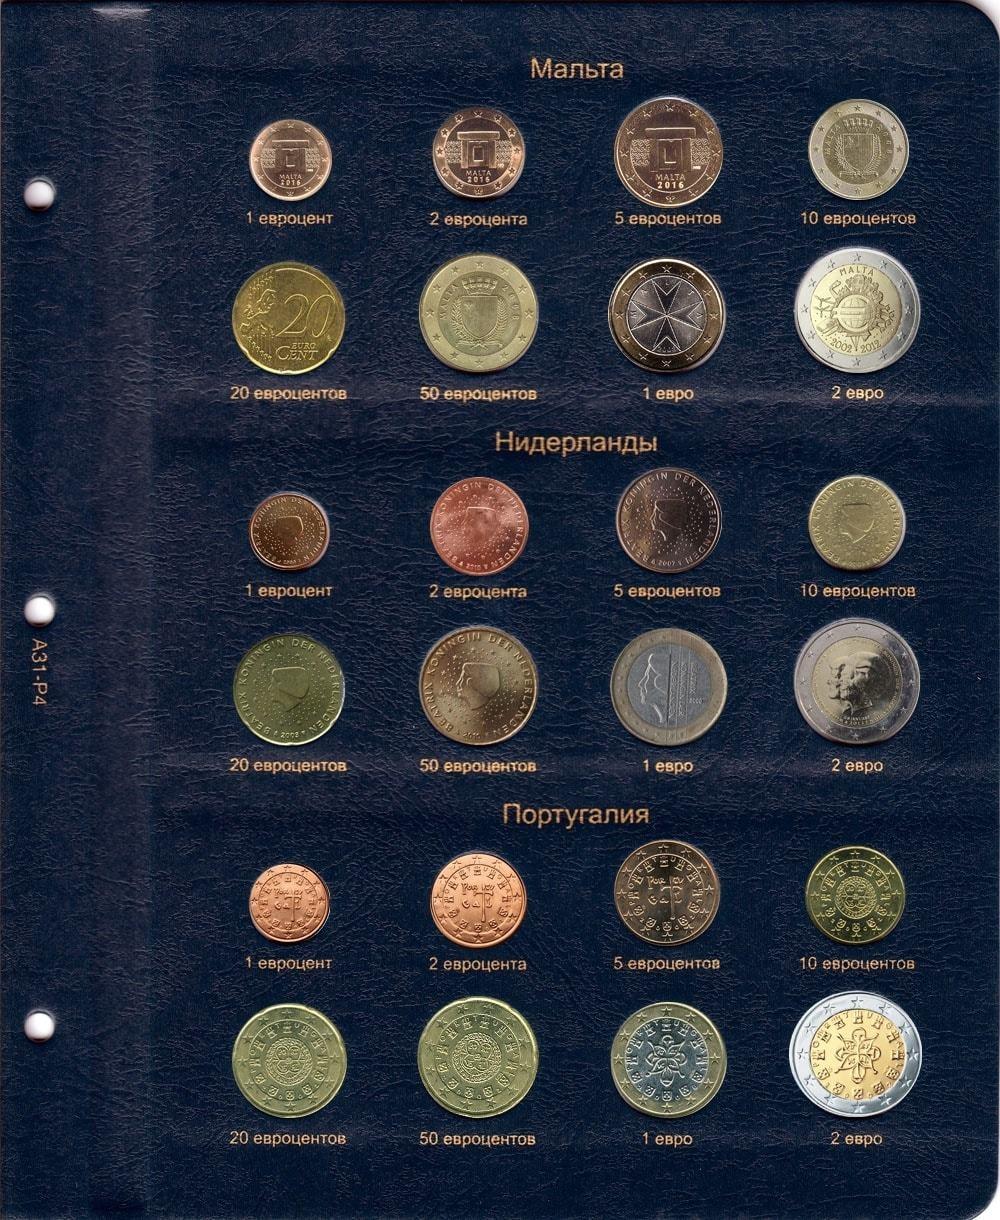 Альбомы монеты стран металлоискатель 350